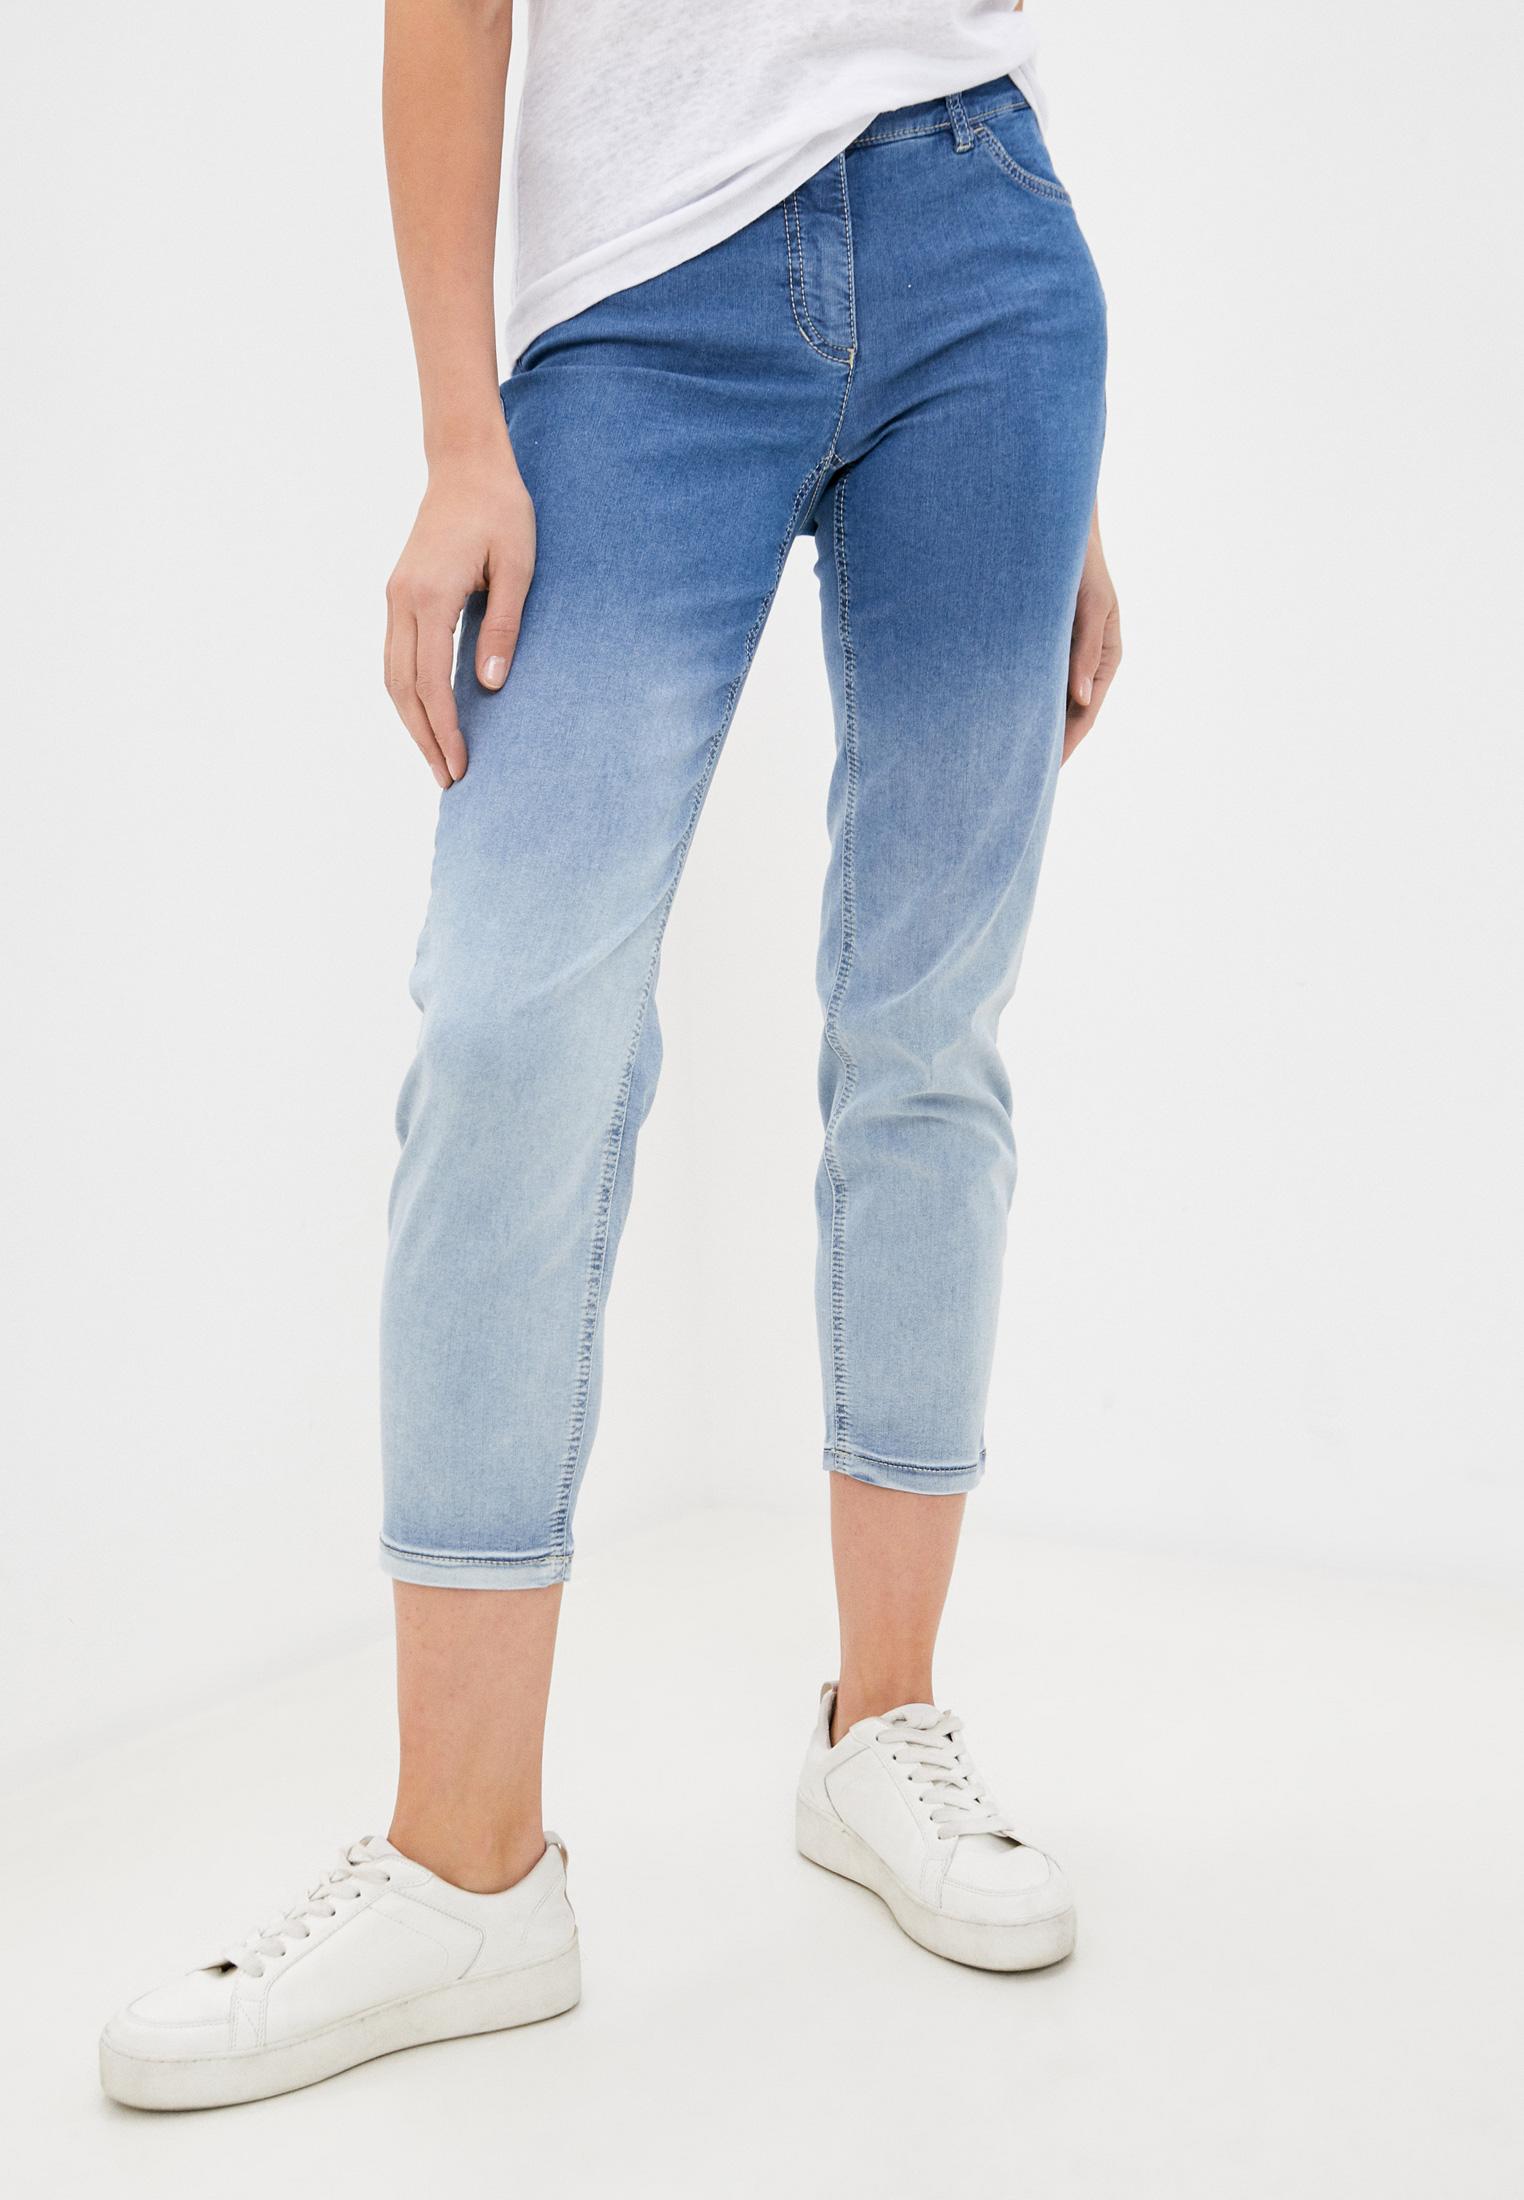 Зауженные джинсы Gerry Weber (Гарри Вебер) 222245-67764